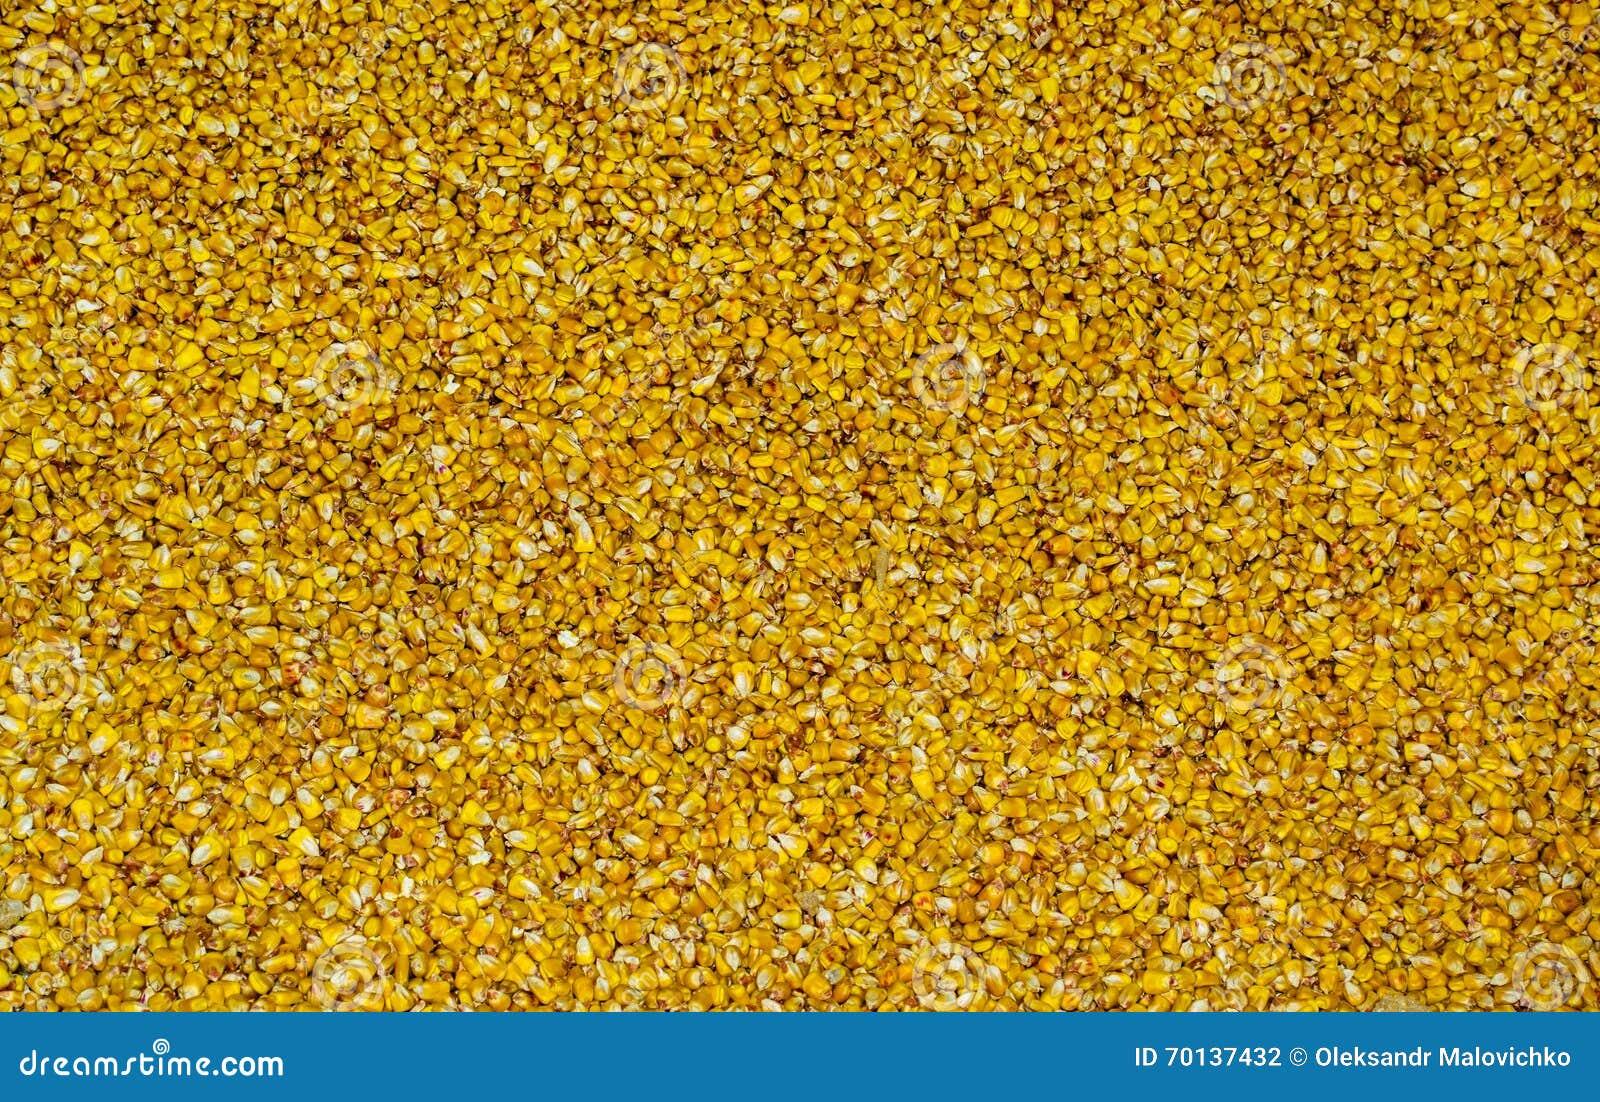 大块黄色玉米五谷纹理